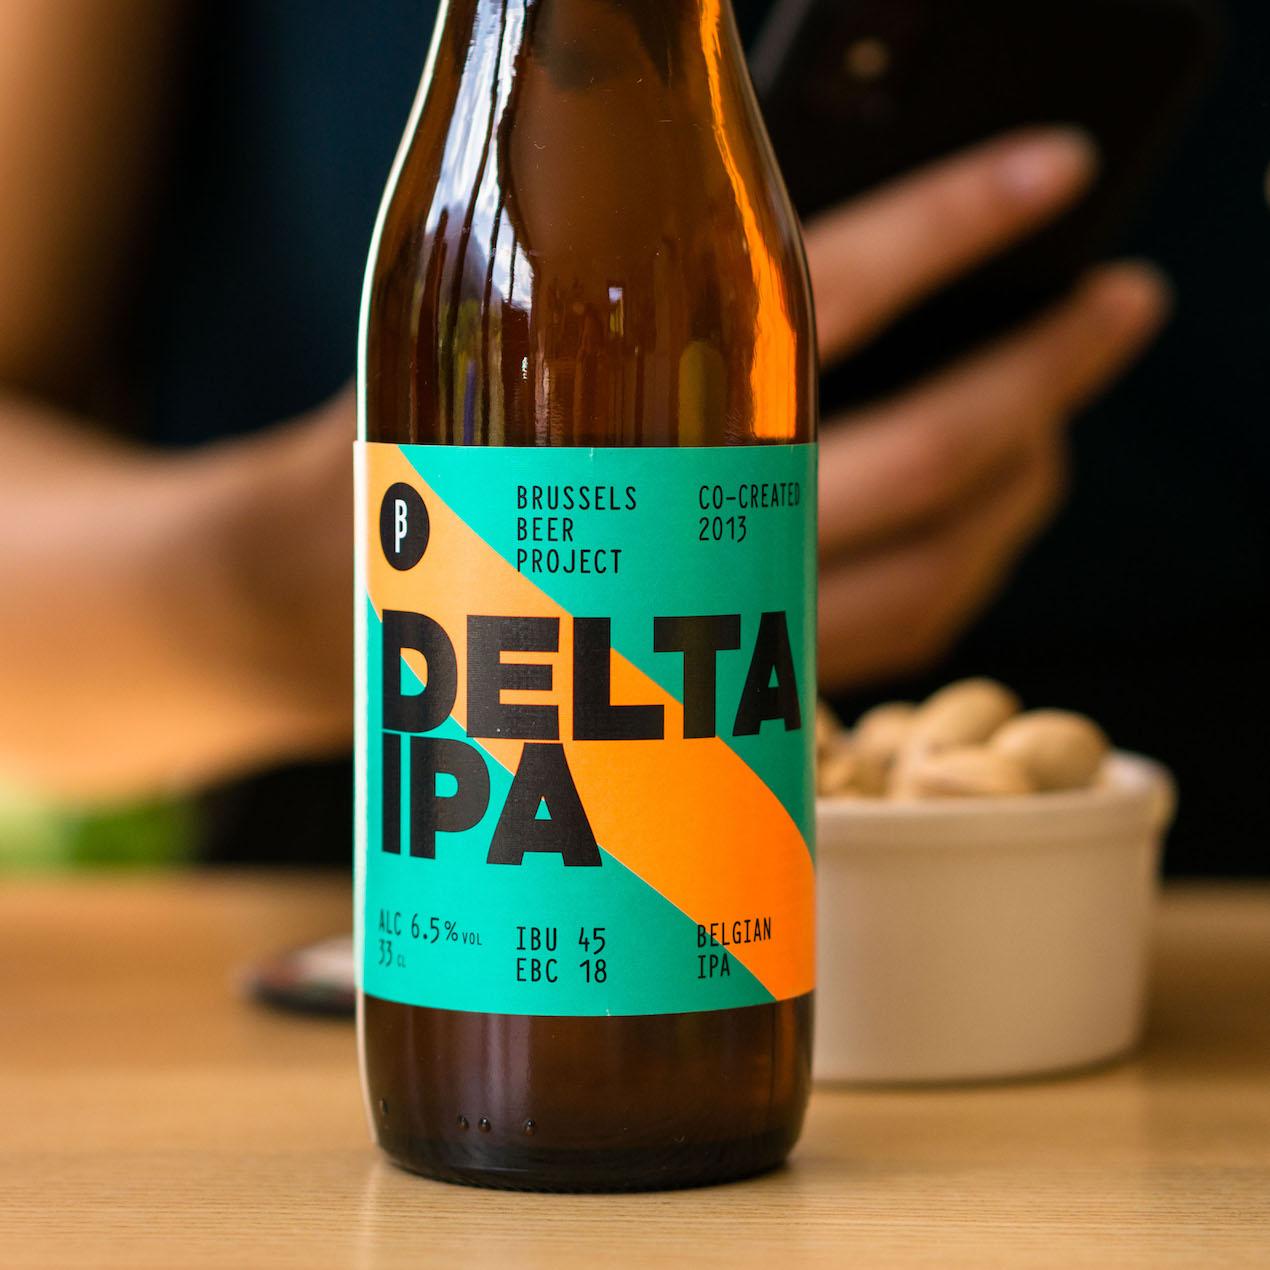 Delta IPA de Brussels Beer Project